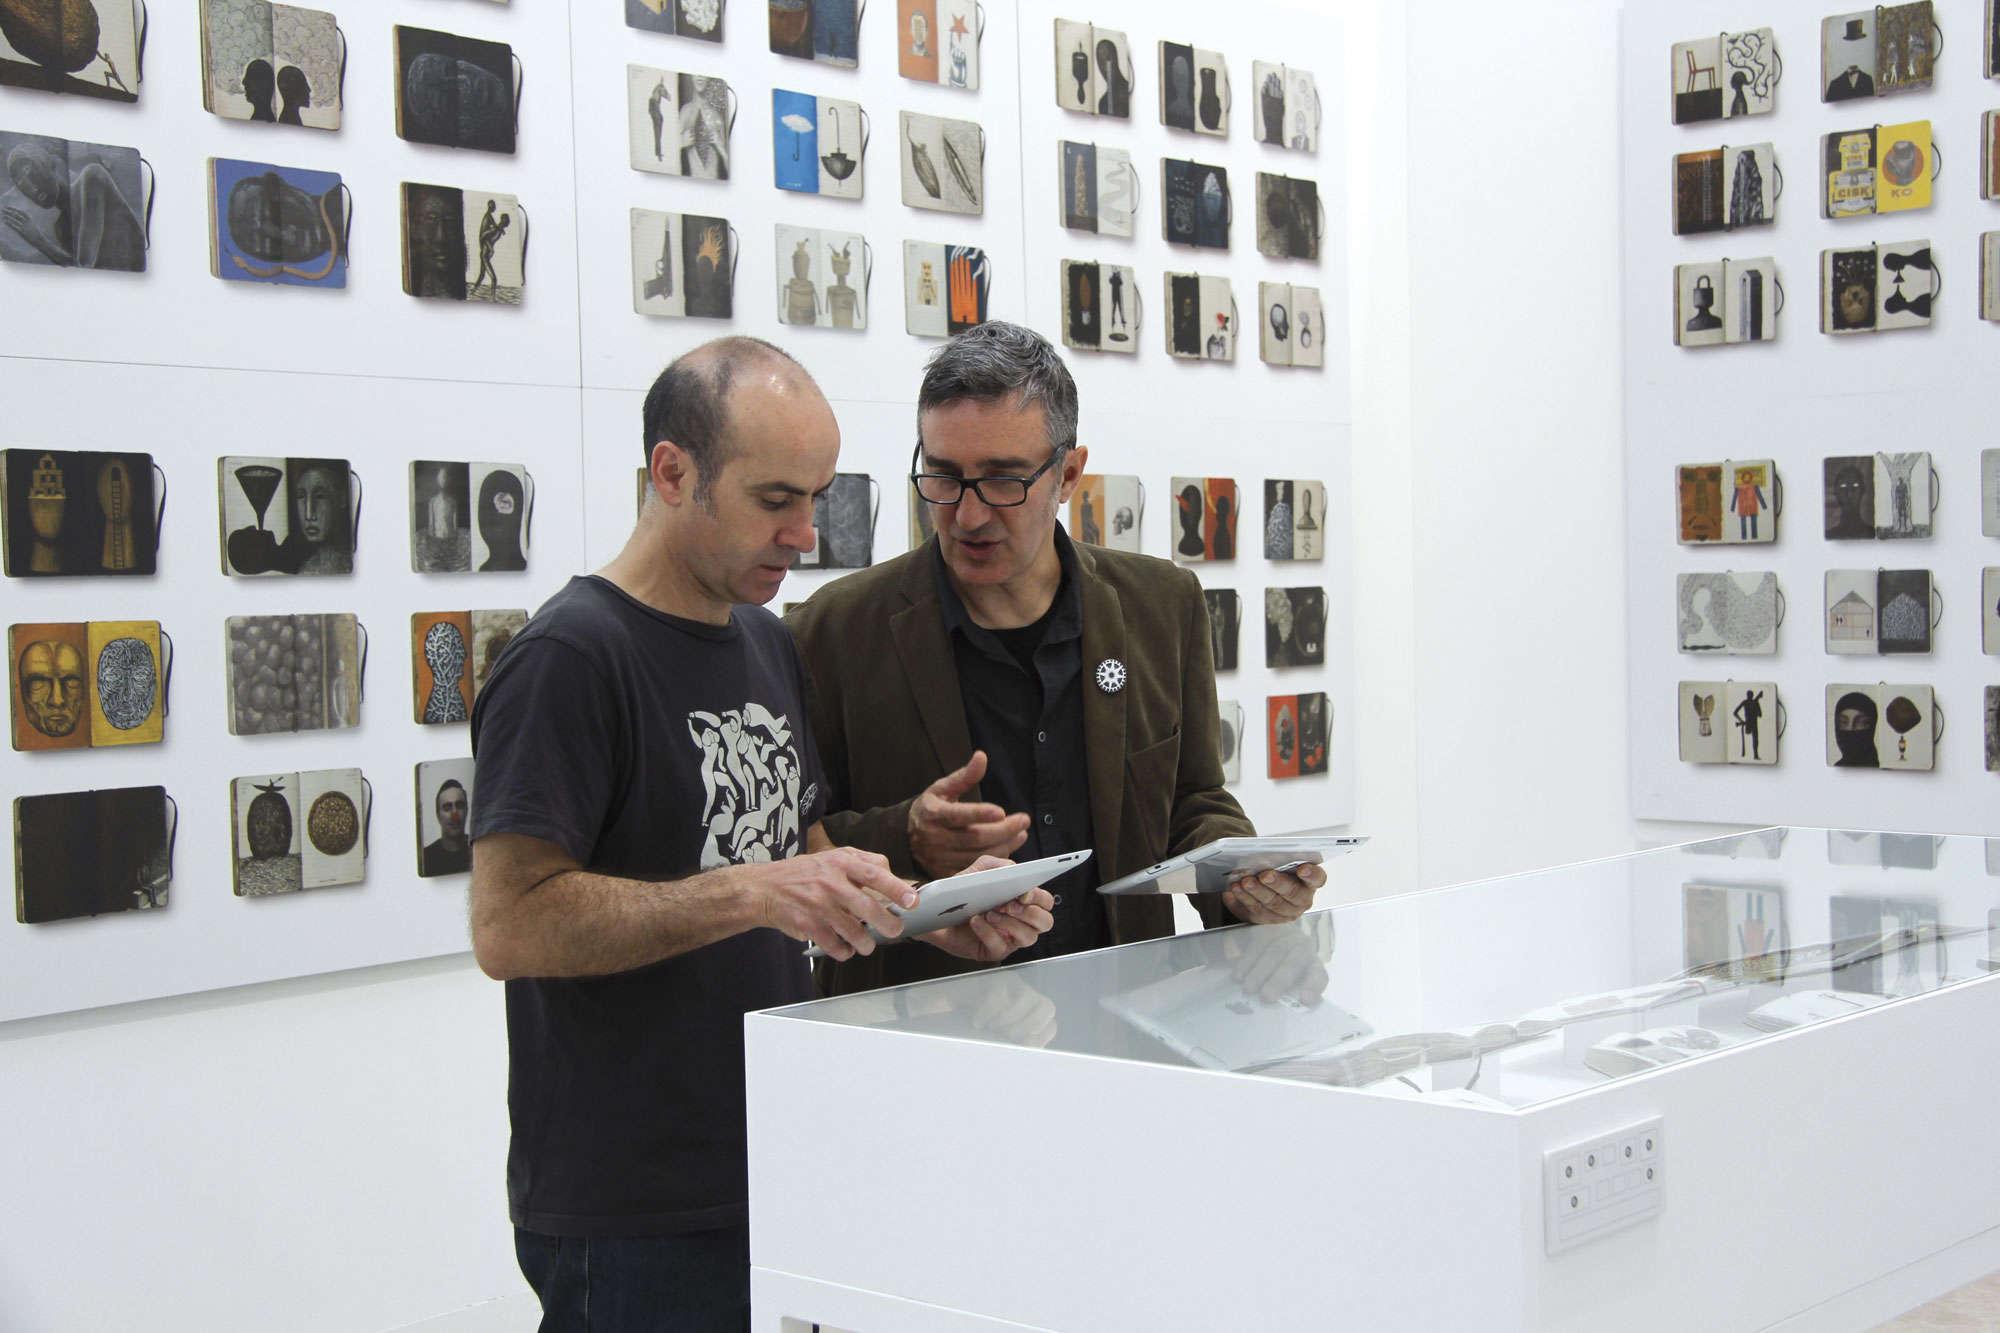 Isidro Ferrer y Pep Carrio viendo la exposicion